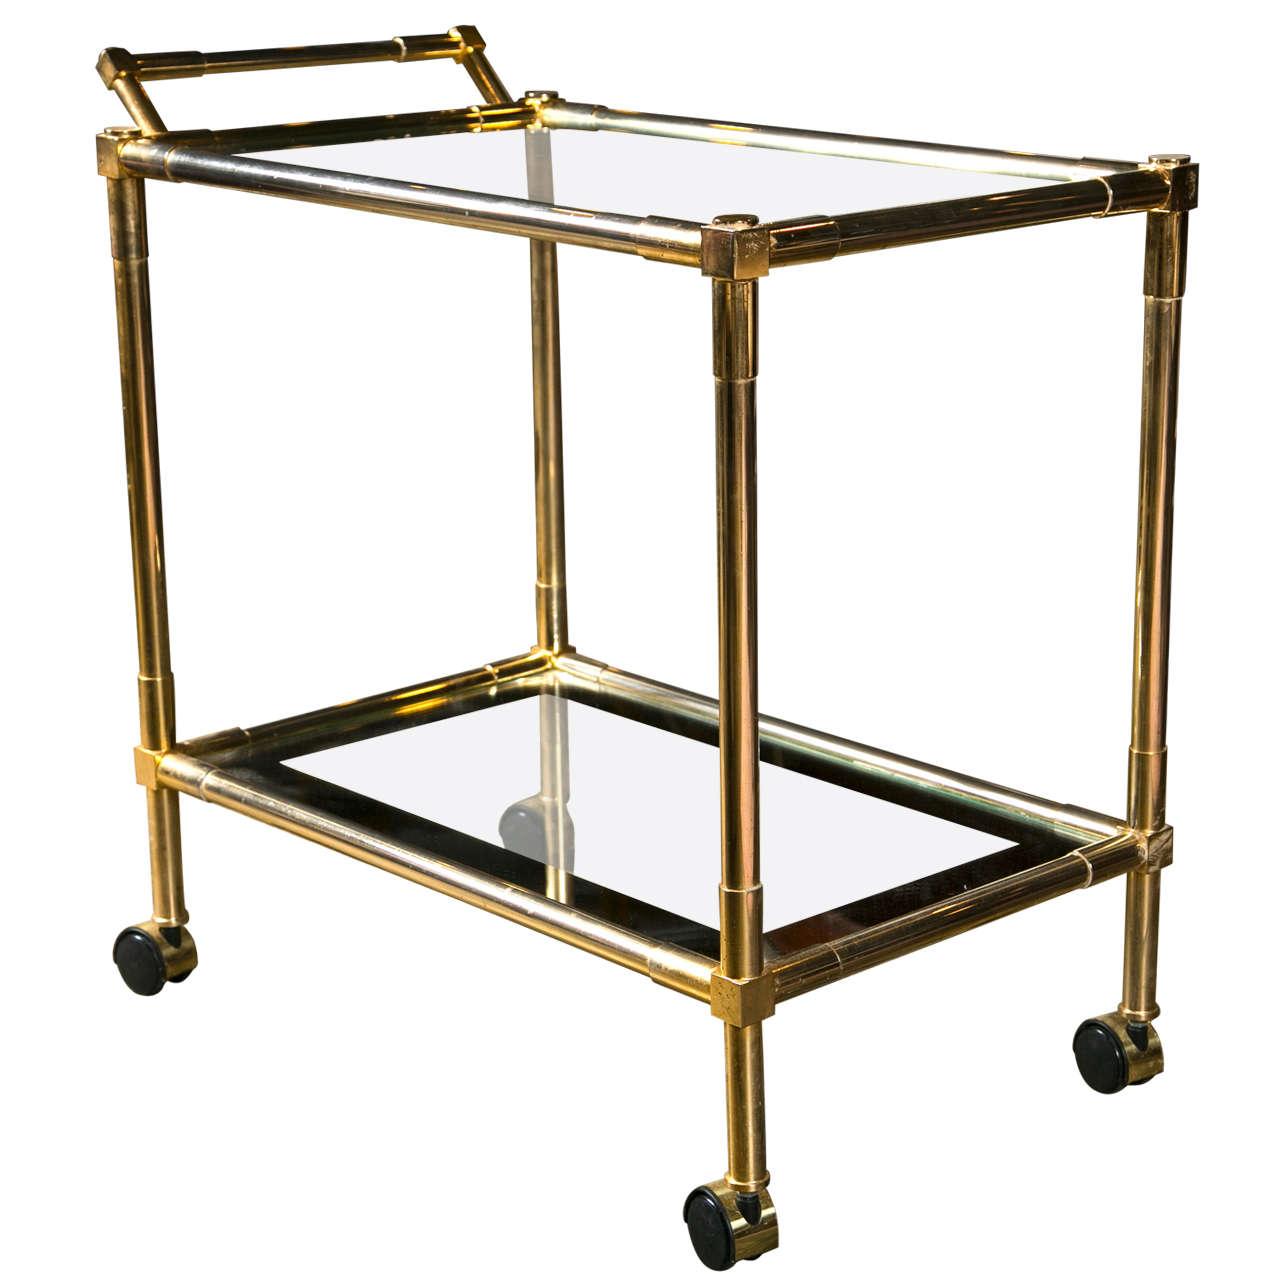 vintage brass serving or bar cart c 1970 at 1stdibs. Black Bedroom Furniture Sets. Home Design Ideas